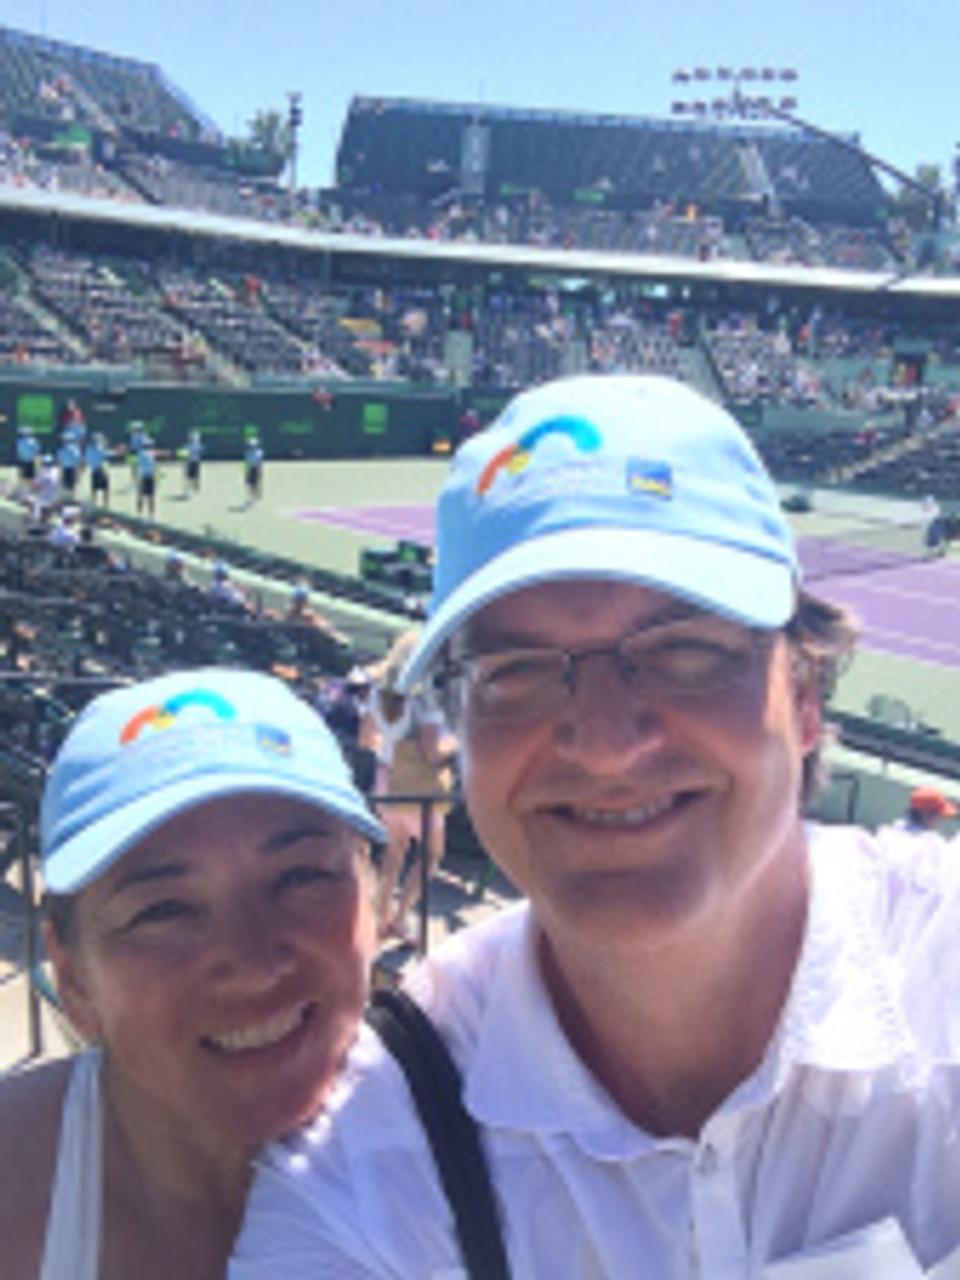 Miami Open - tennistravelsite.com